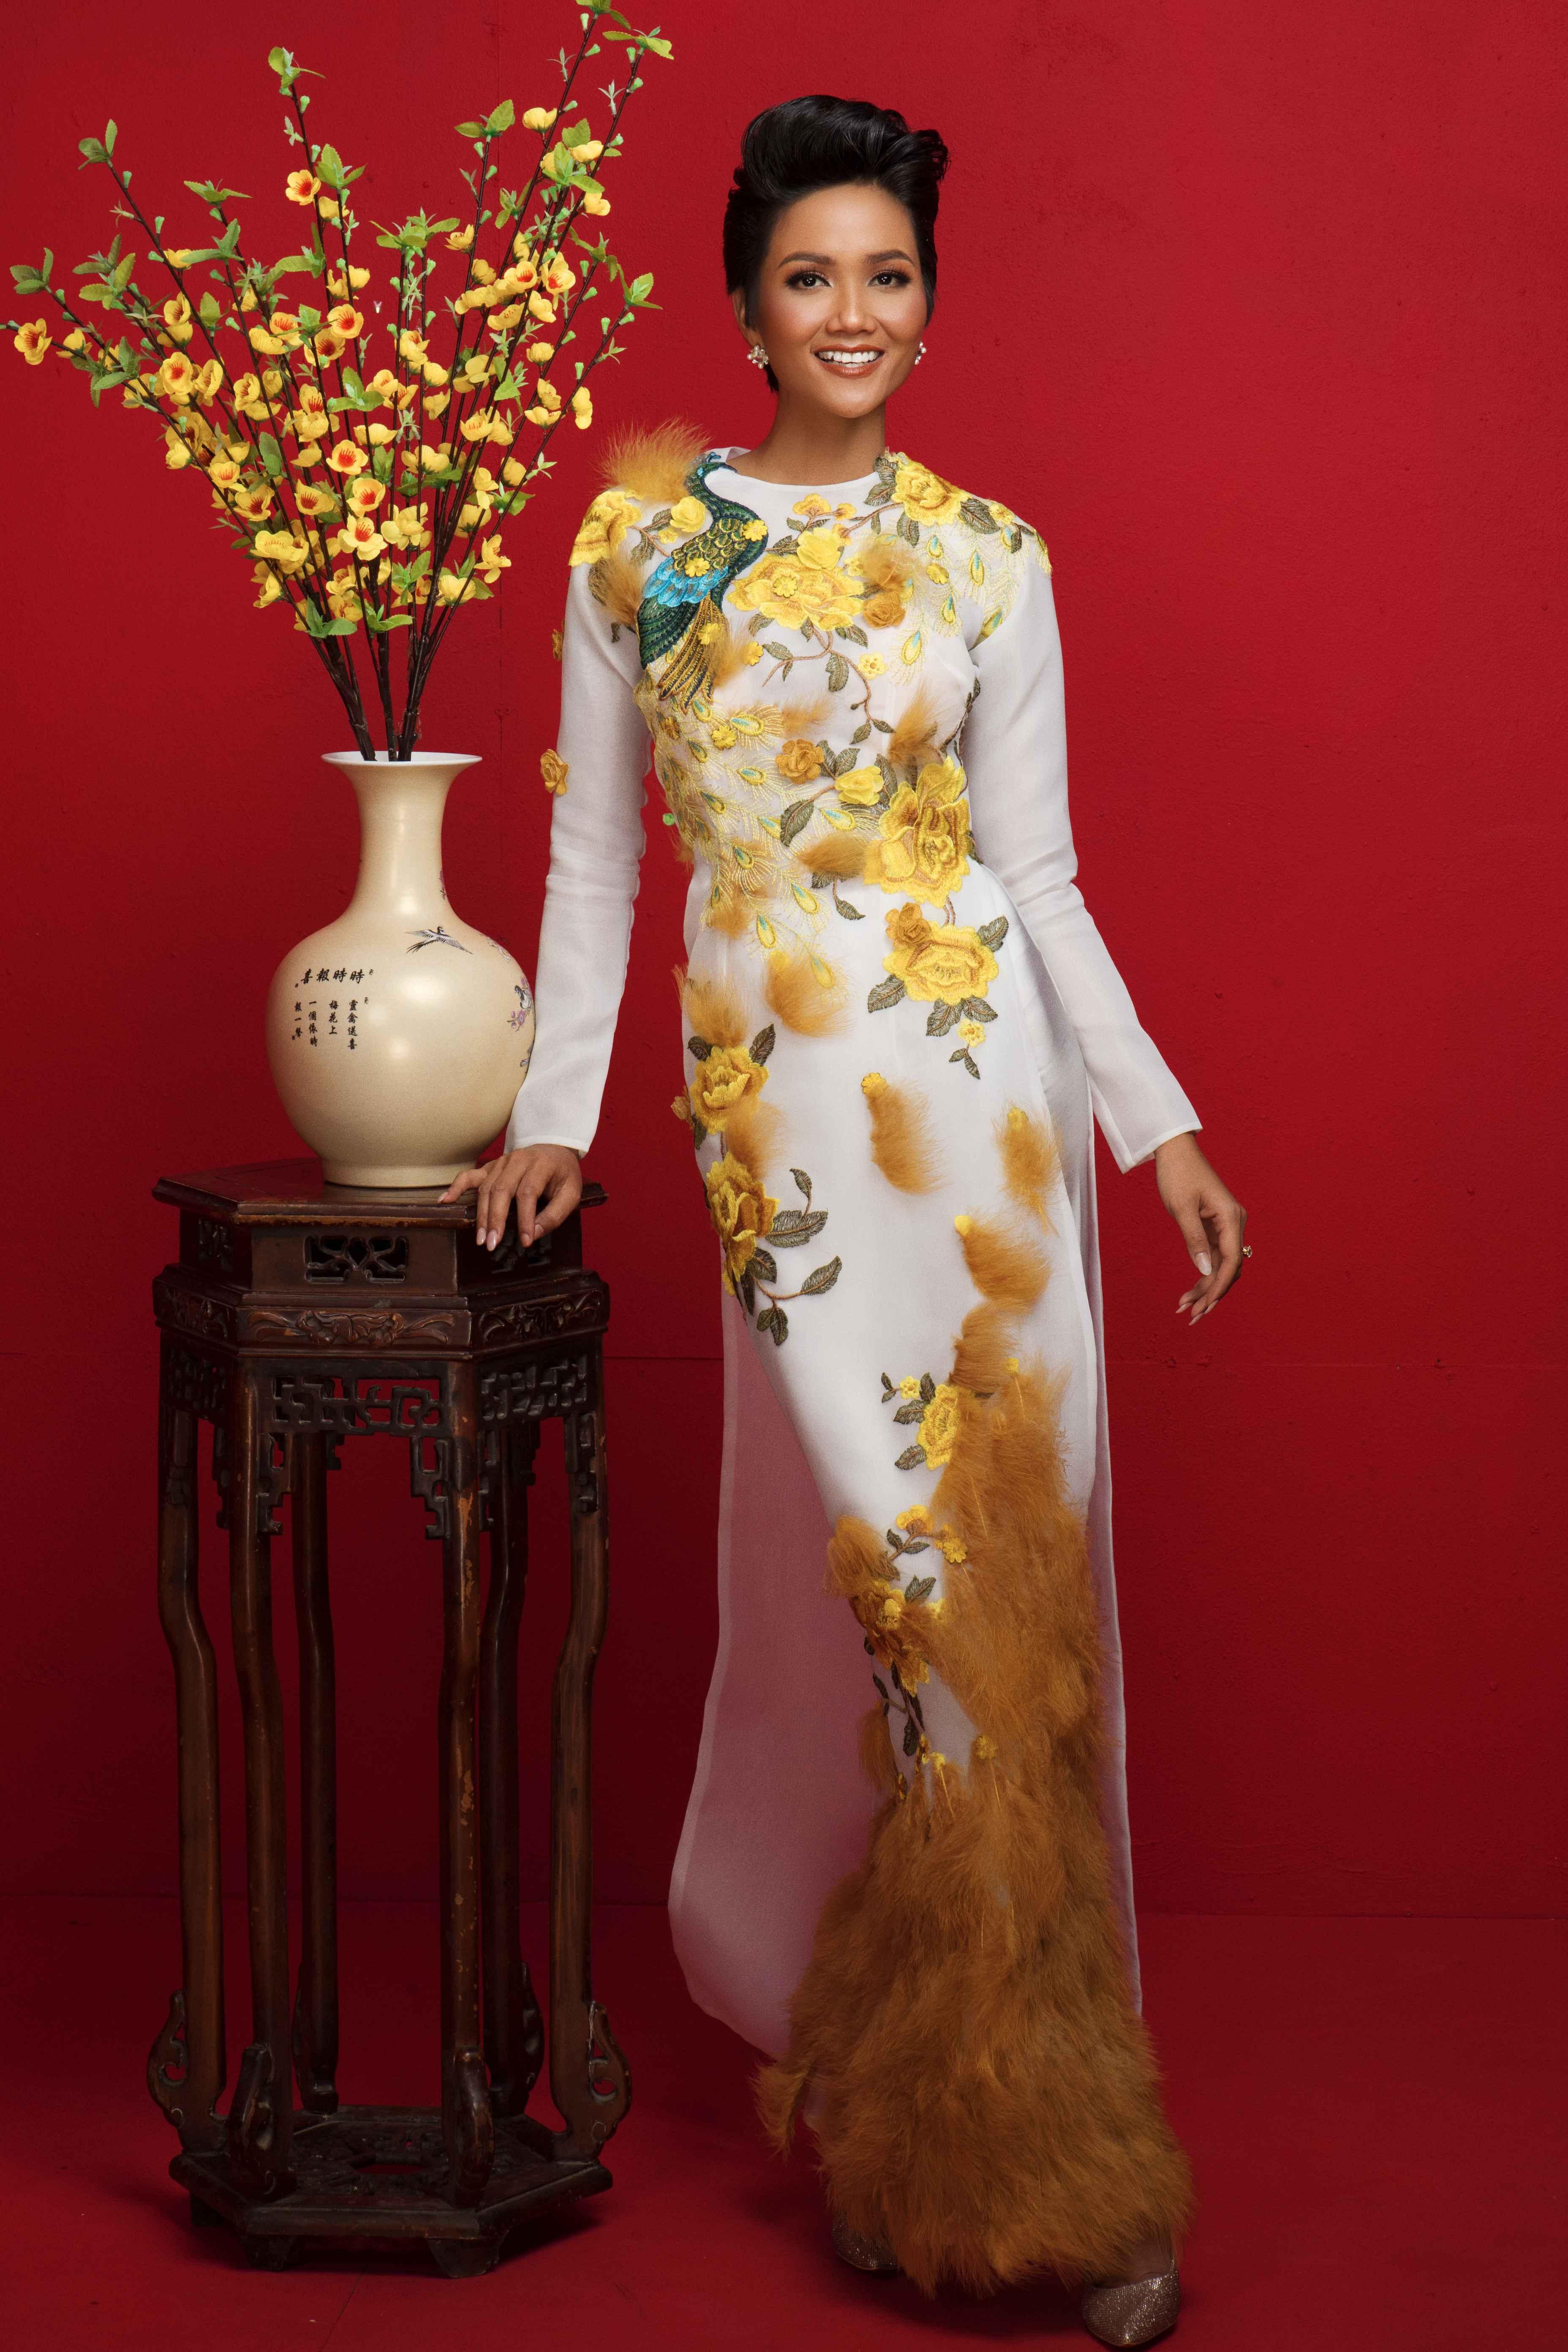 Đương kim hoa hậu diện một thiết kế áo dài được đính kết lông vũ sang trọng. Nhân dịp năm mới, H'Hen Niê cũng gửi lời chúc An Khang Thịnh Vượng đến mọi người.